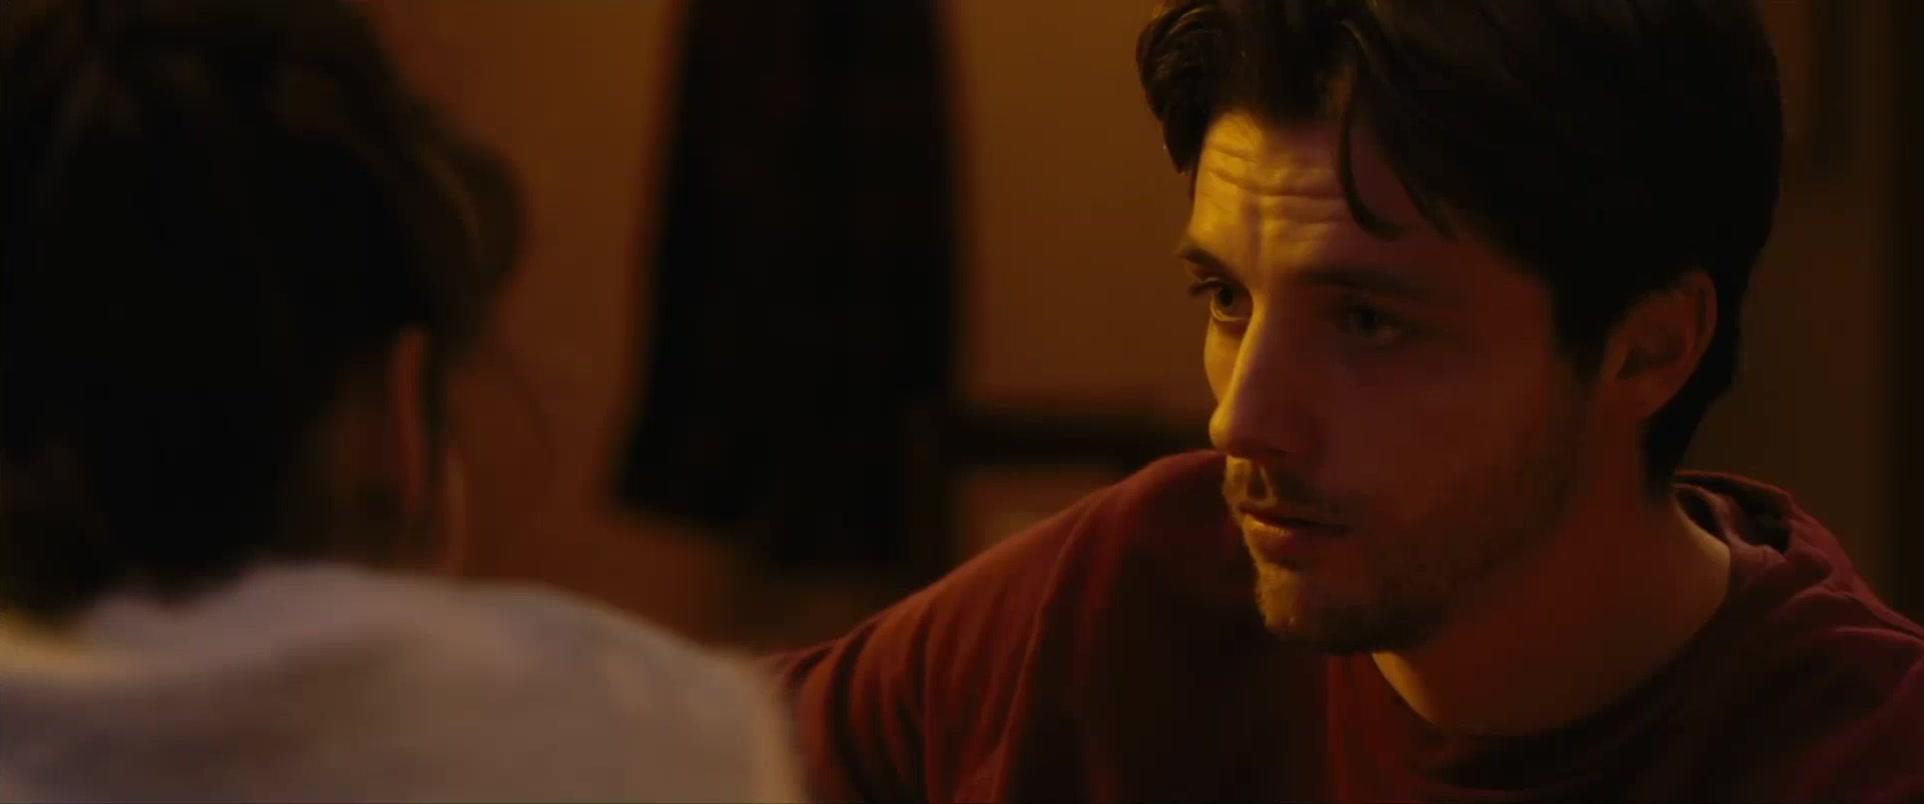 - Смотреть фильмы онлайн, бесплатно, новые фильмы 2012 ...